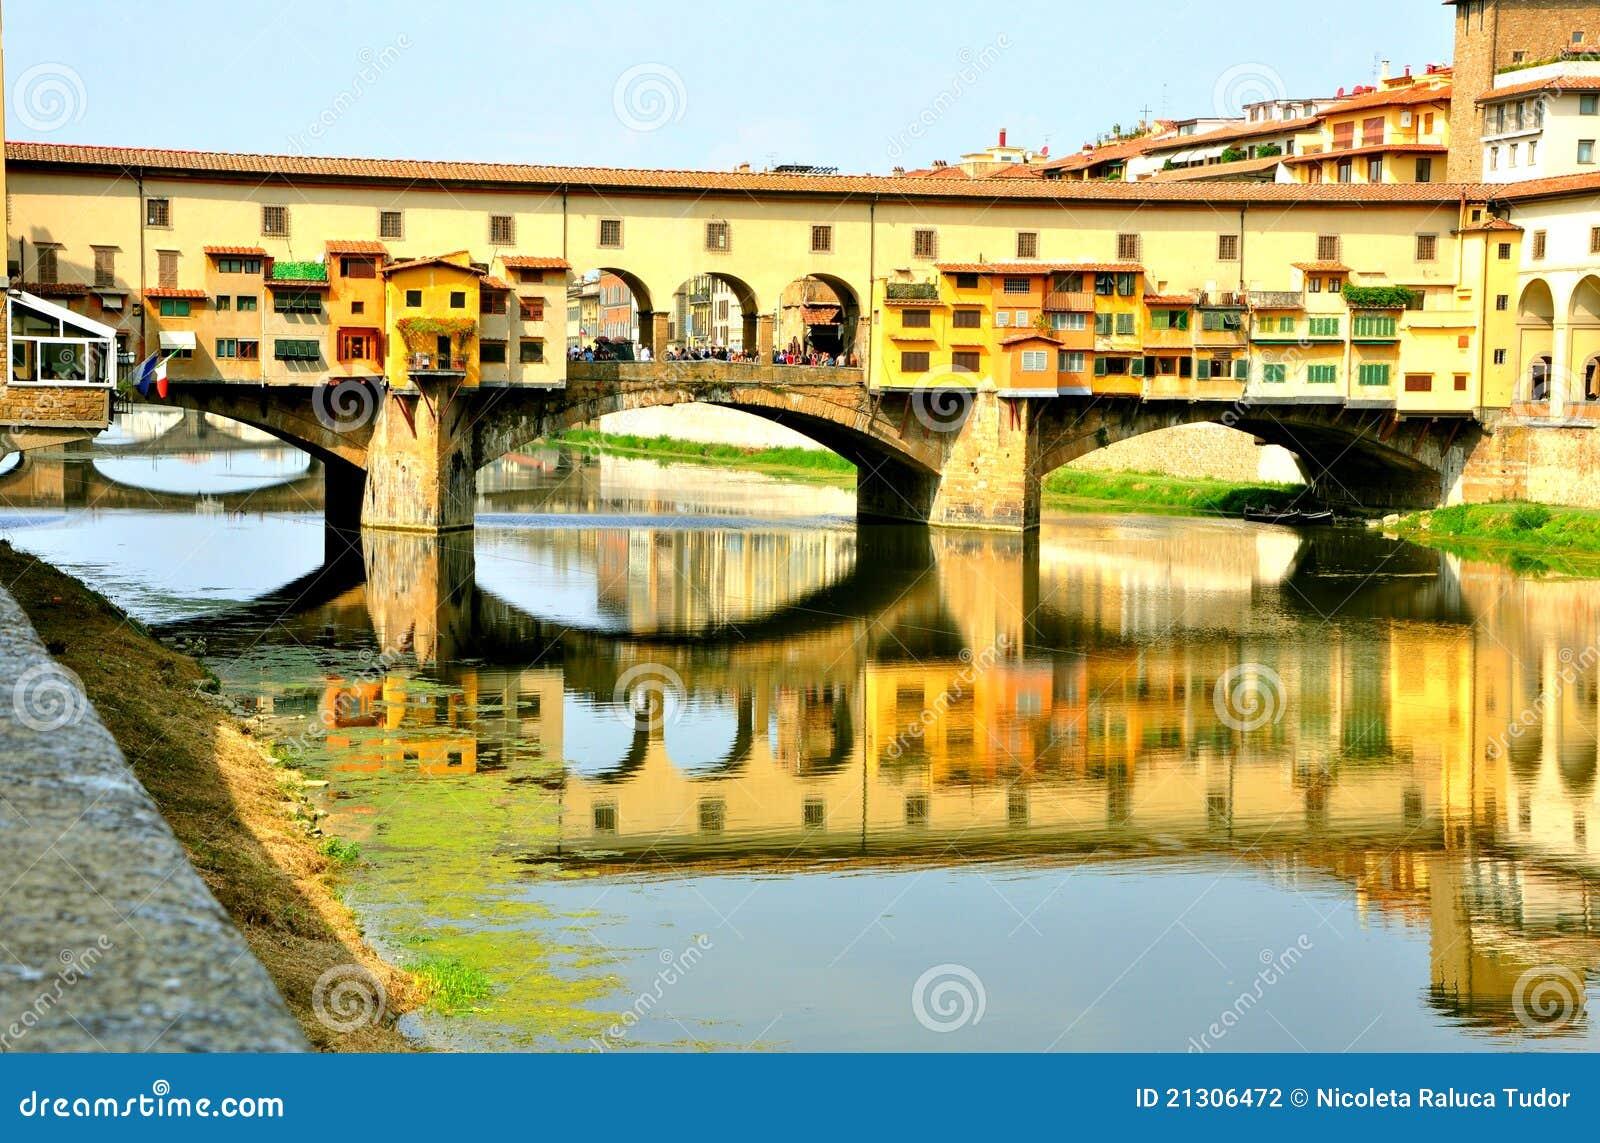 Il vecchio ponticello, Firenze, Italia